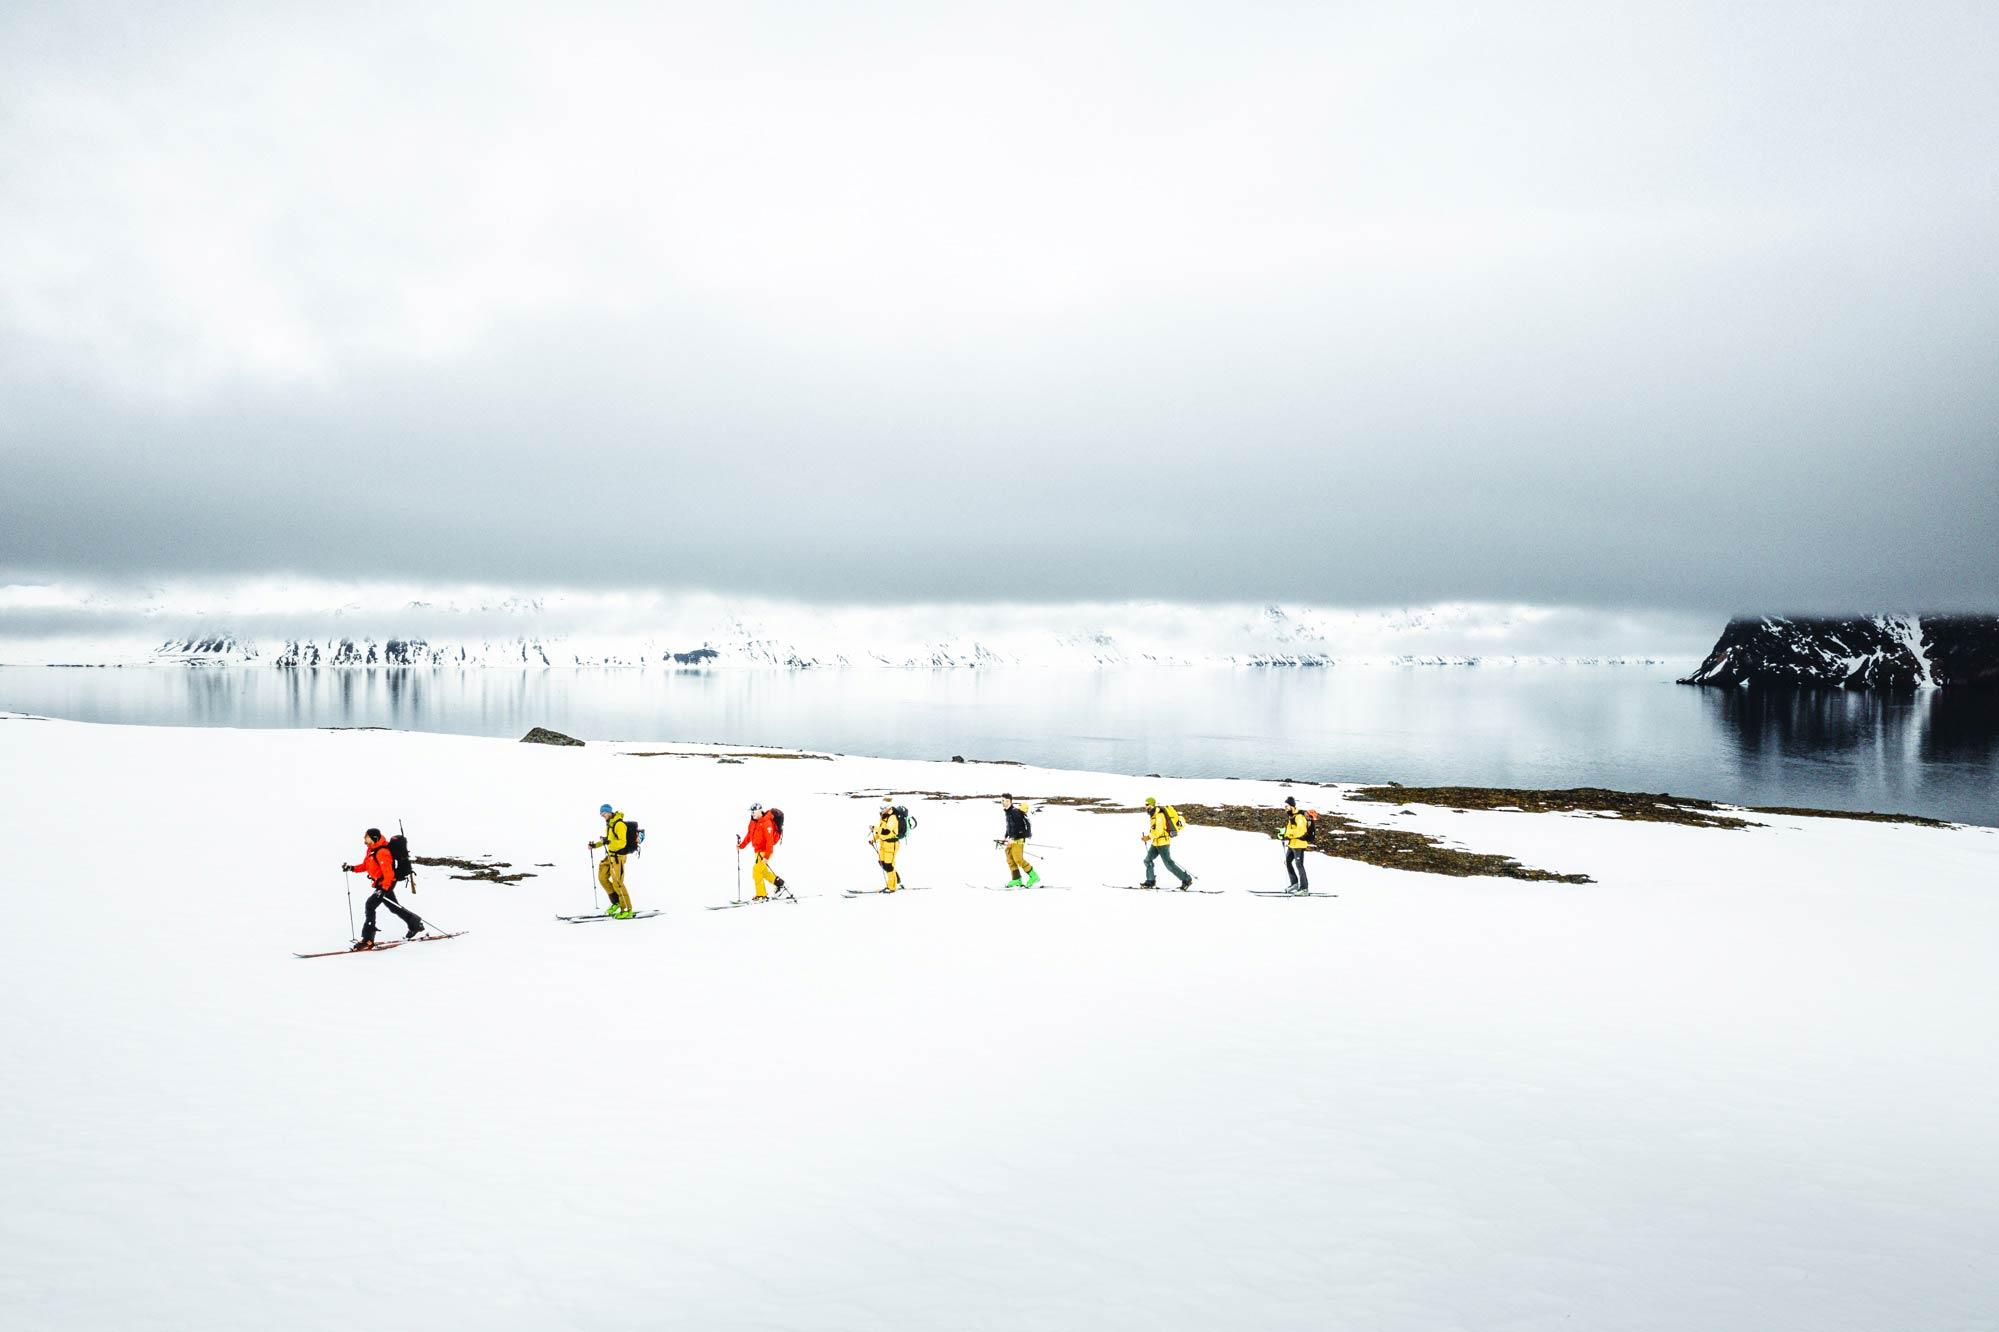 Die Plätze für den Trip nach Spitzbergen sind streng limitiert. - Foto: Mathis Dumas